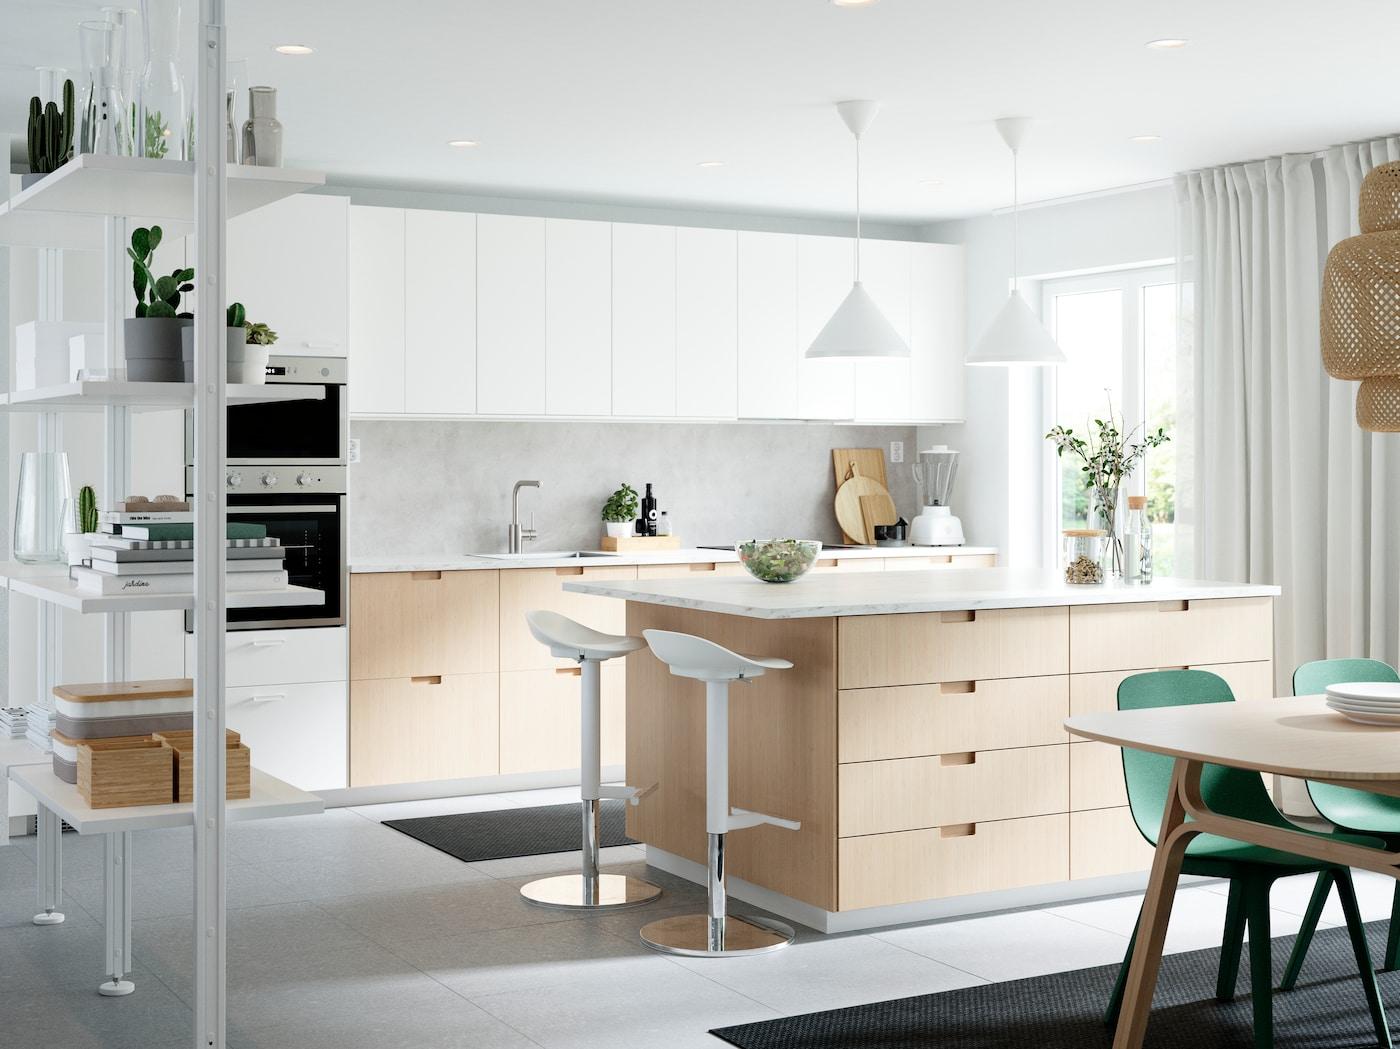 Velika kuhinja s frontovima od nerđajućeg čelika, radnim pločama od hrasta/furnira, plavim radnim lampama i začinima u posudama.